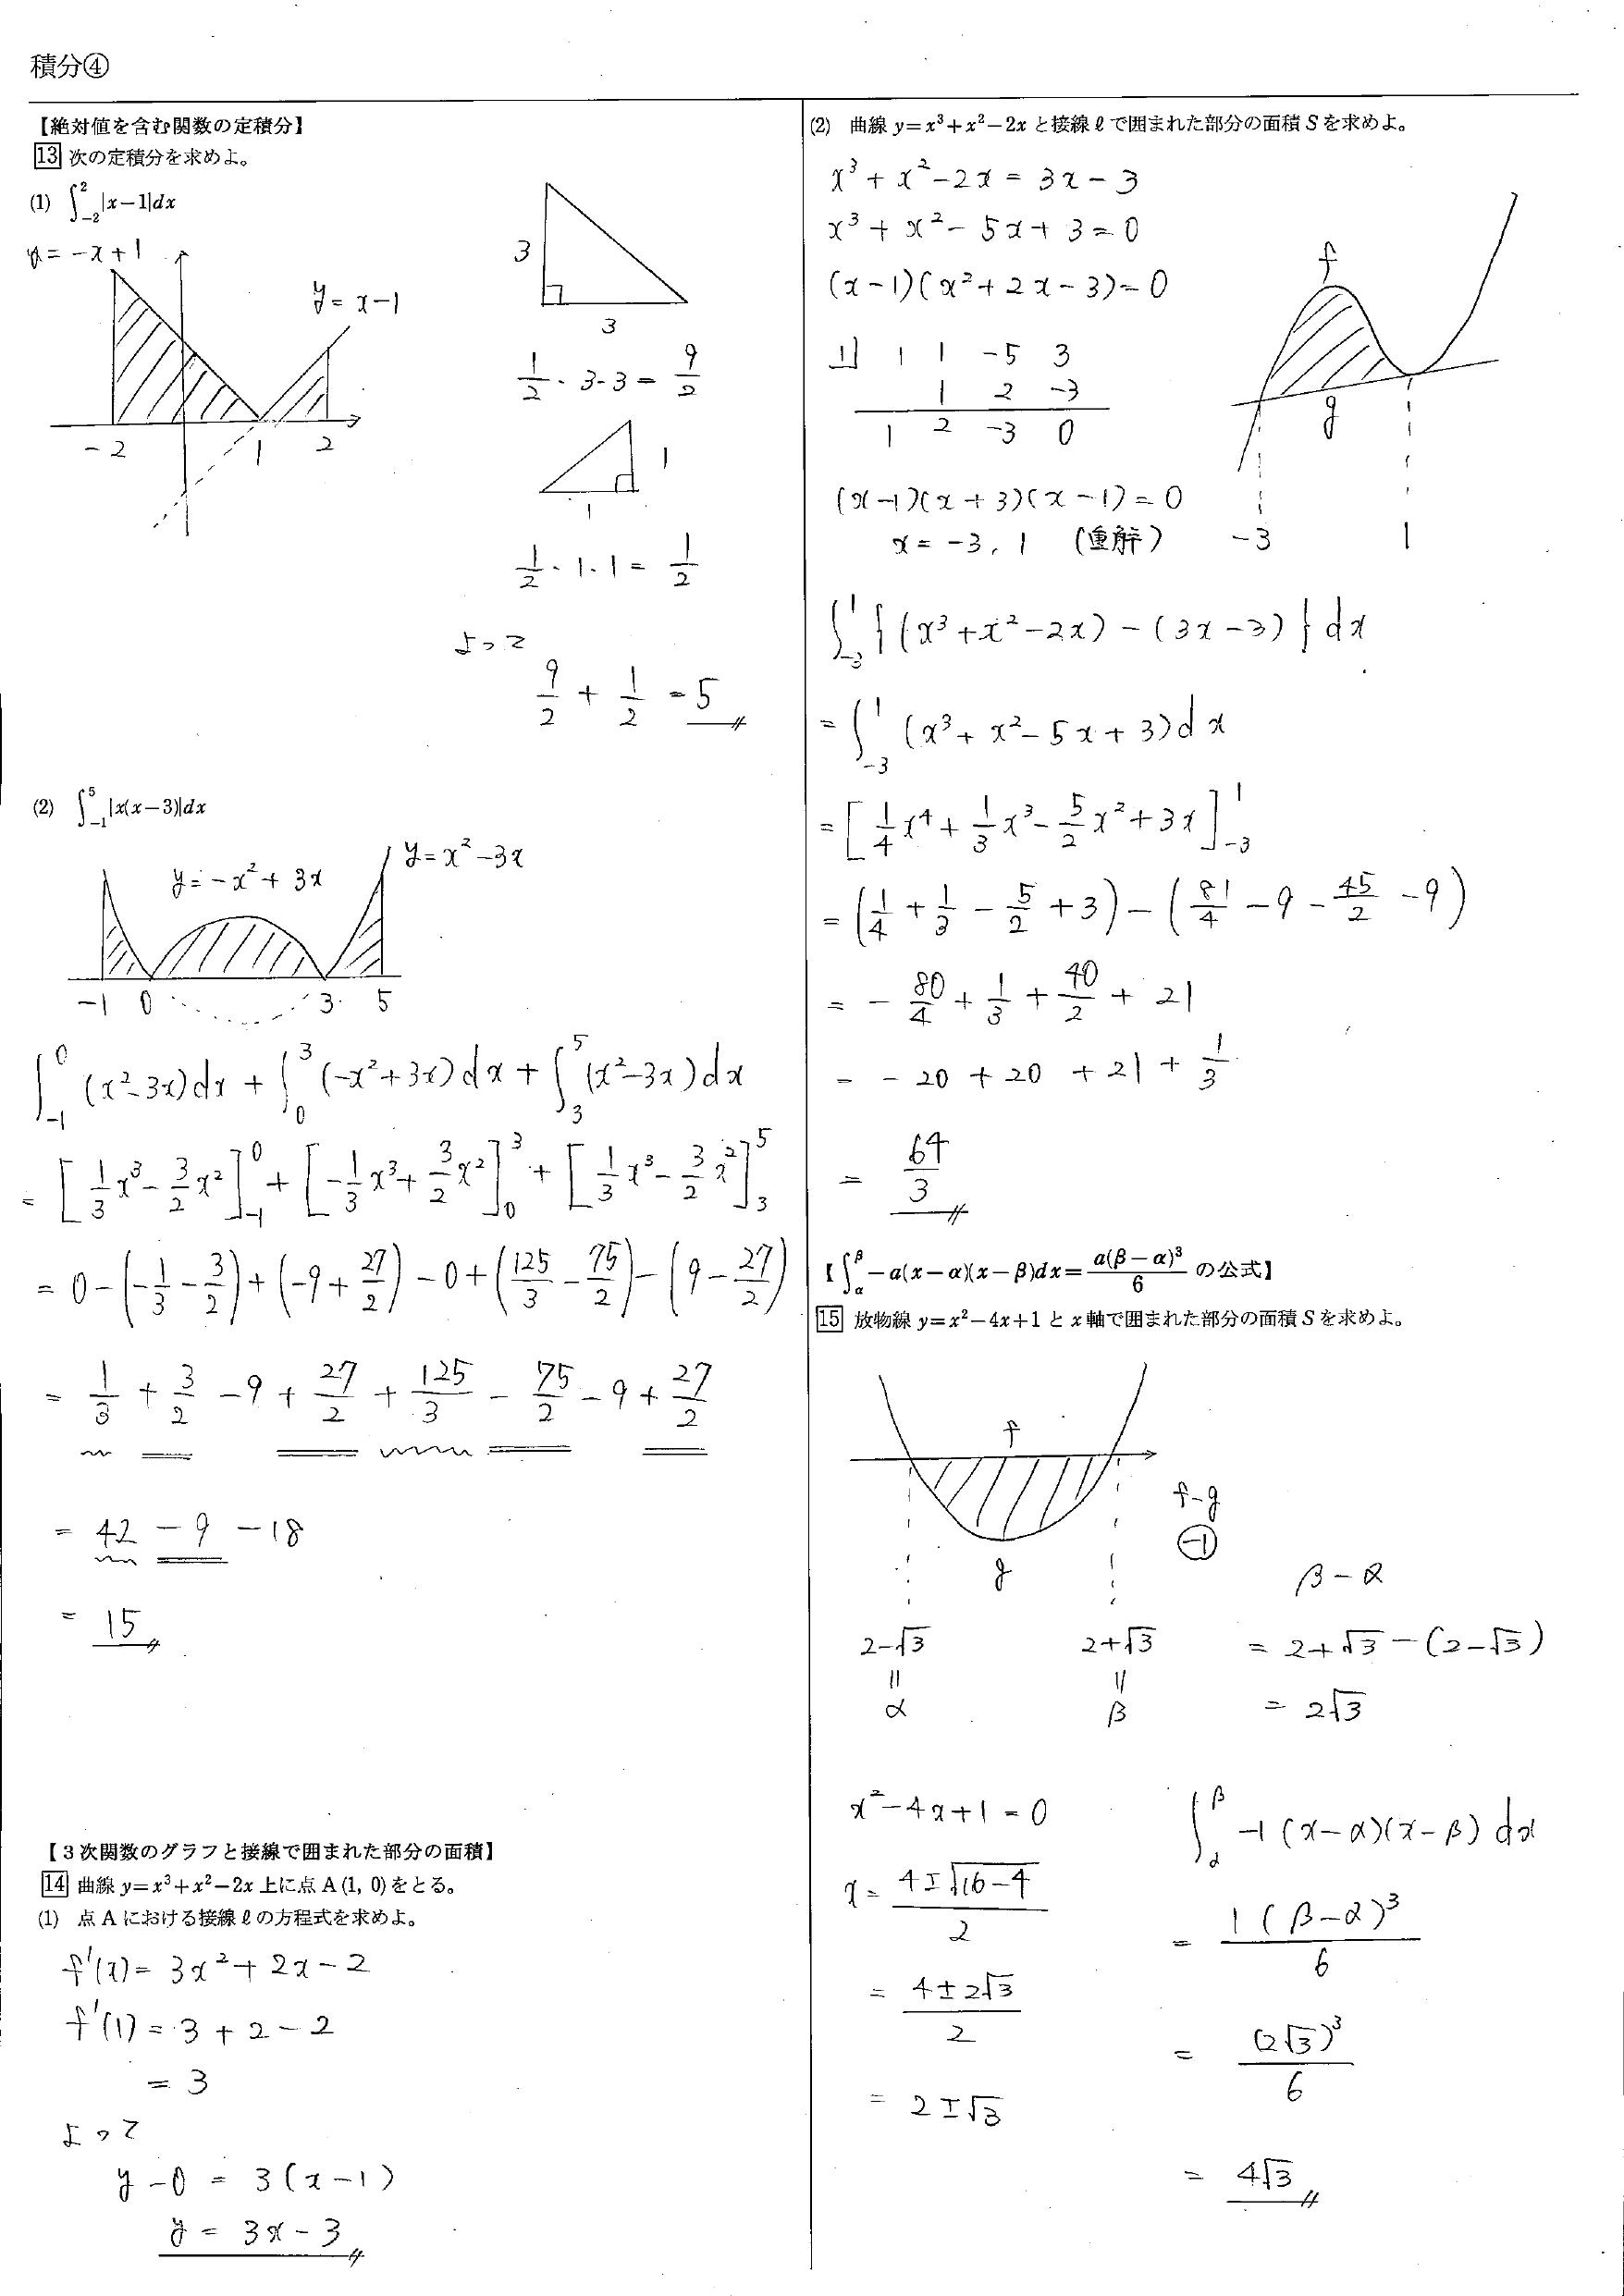 積分法 教科書 まとめ 一覧 問題 解答